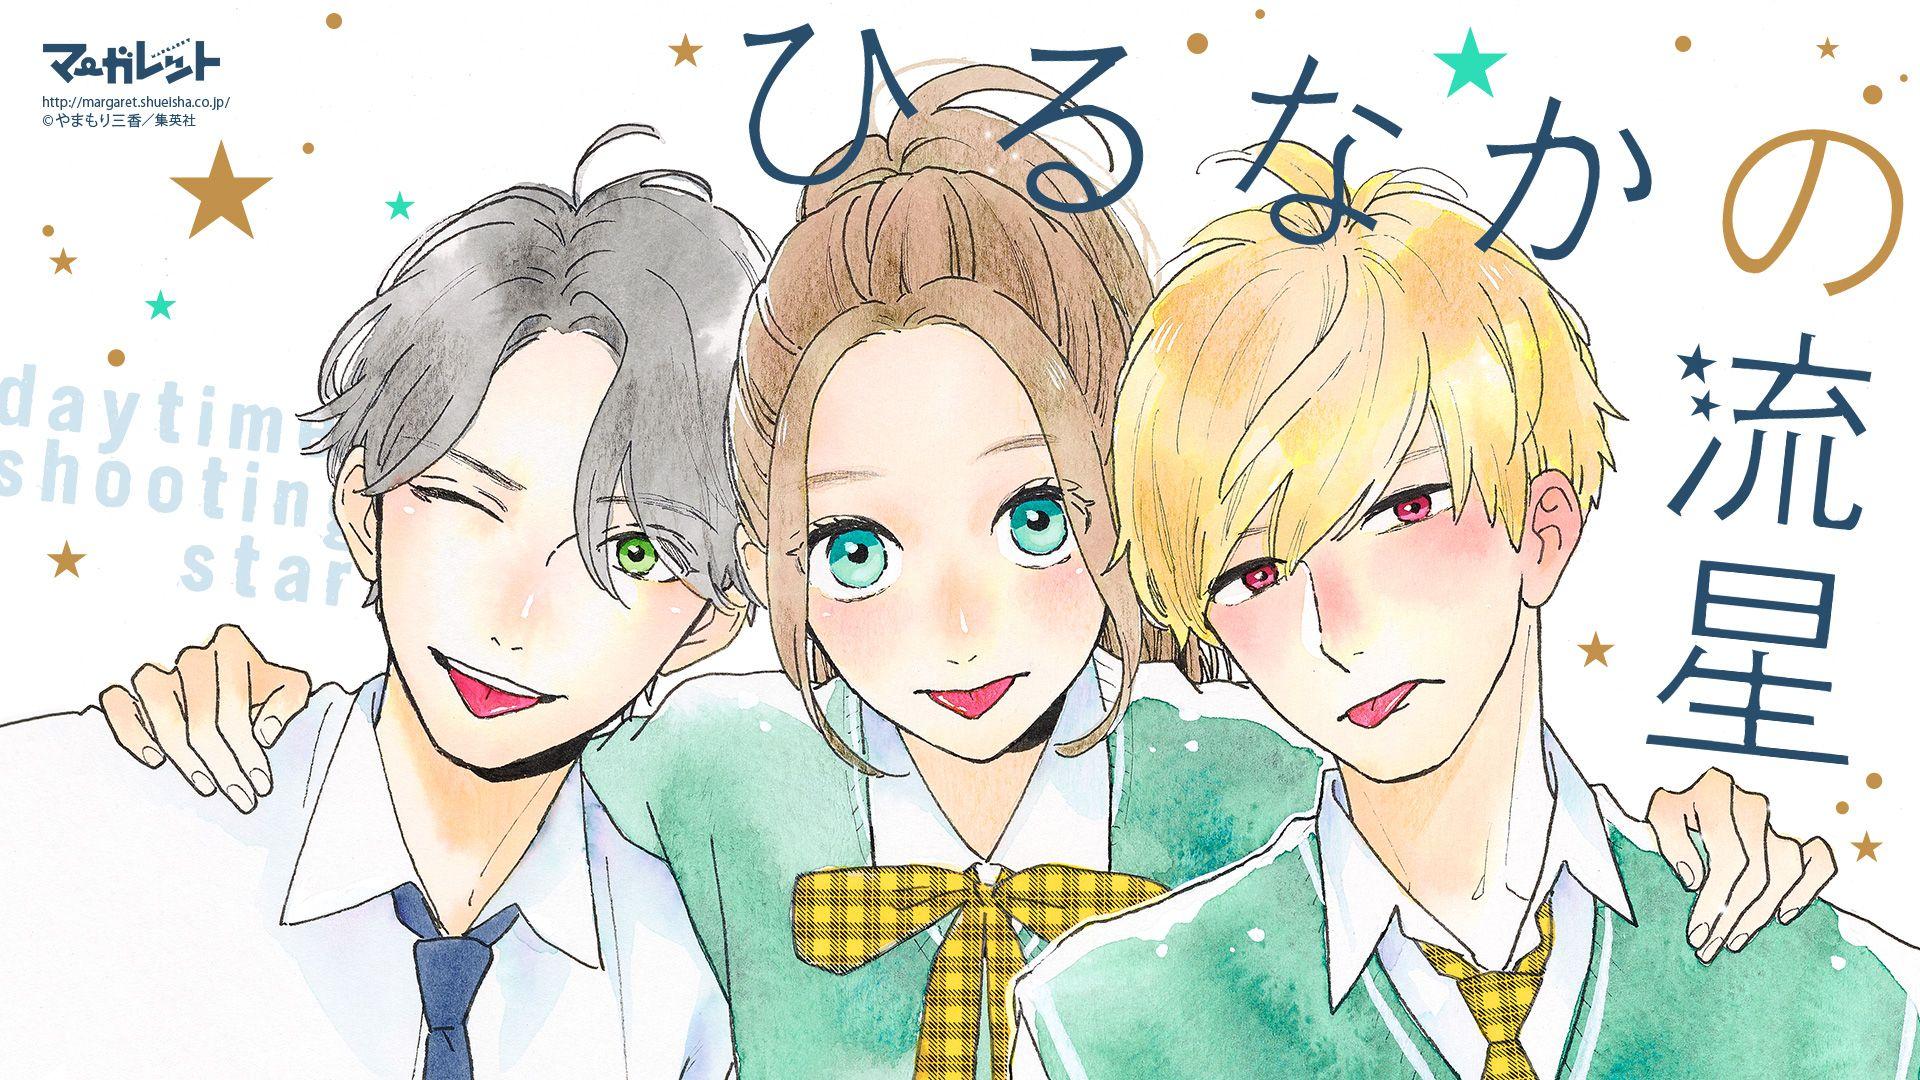 ひるなかの流星 Shoujo Wallpaper Manga Romance